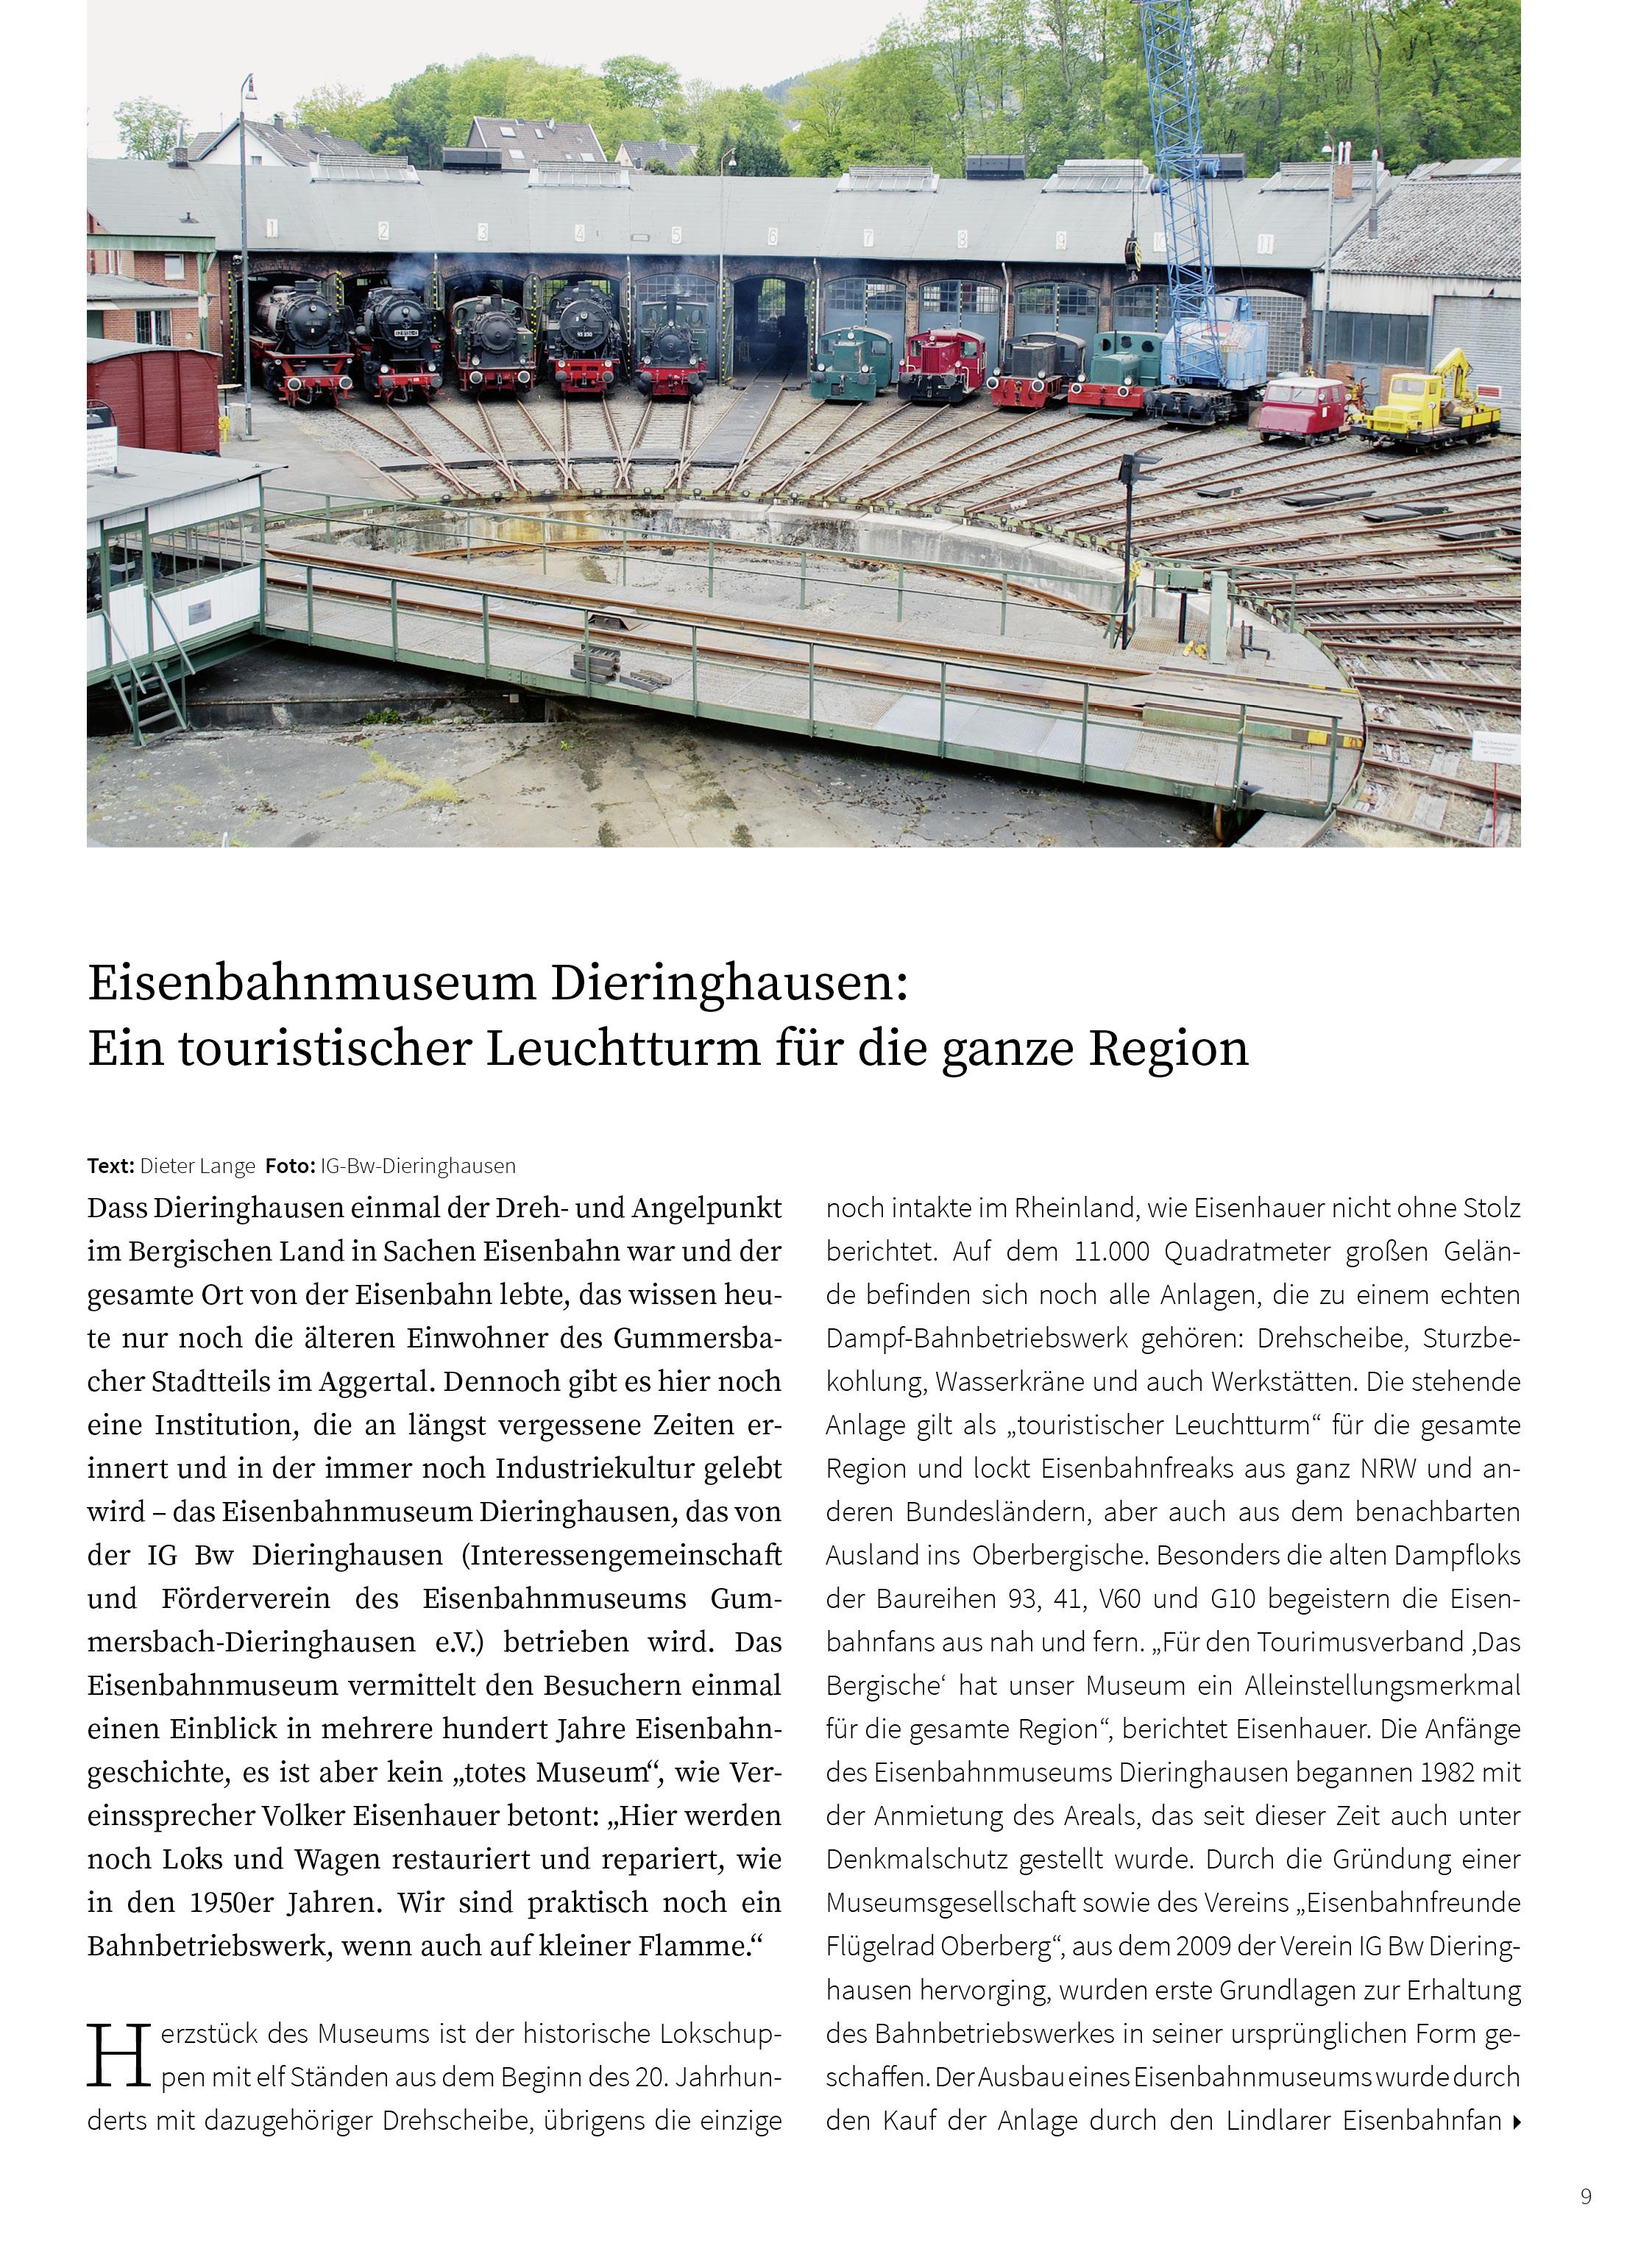 Eisenbahnmuseum Dieringhausen: ein touristischer Leuchtturm für die ganze Region